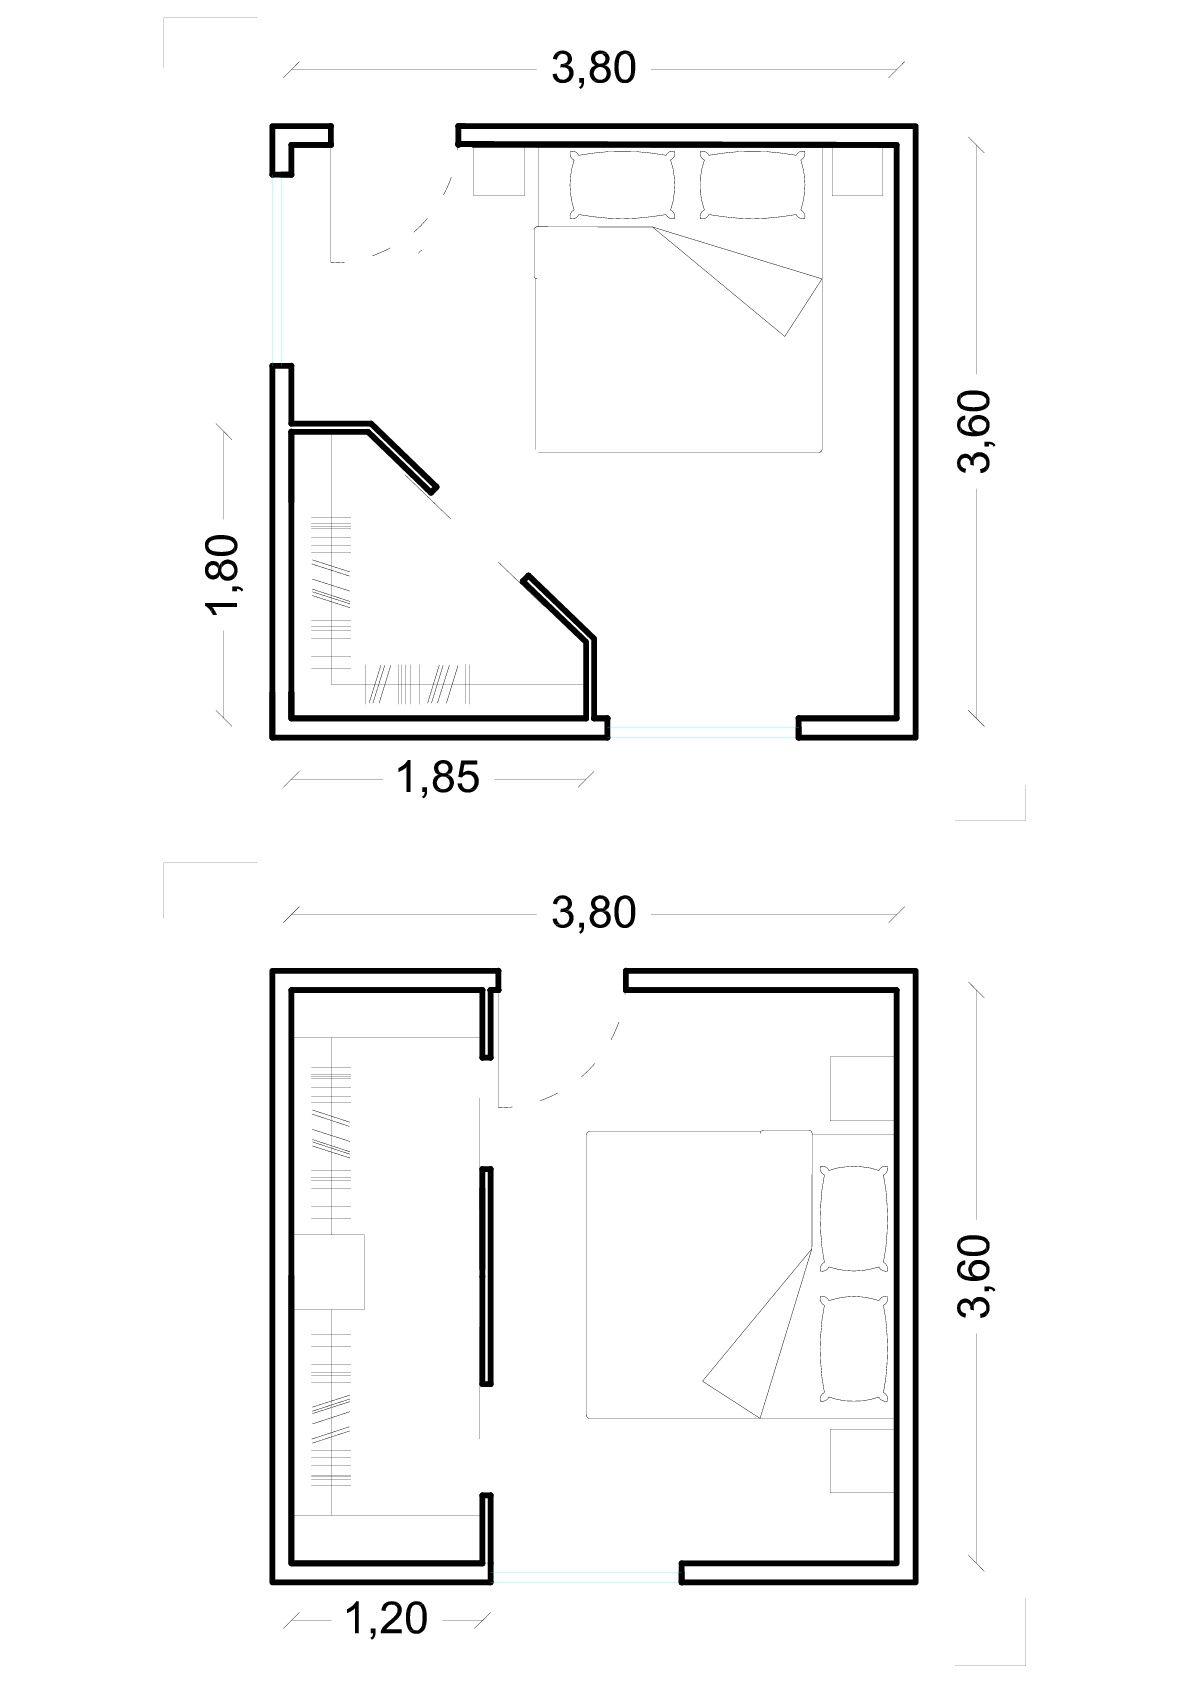 Cabina Armadio Ad Angolo Misure.La Cabina Armadio Dimensioni Minime Ed Esempi Con Immagini